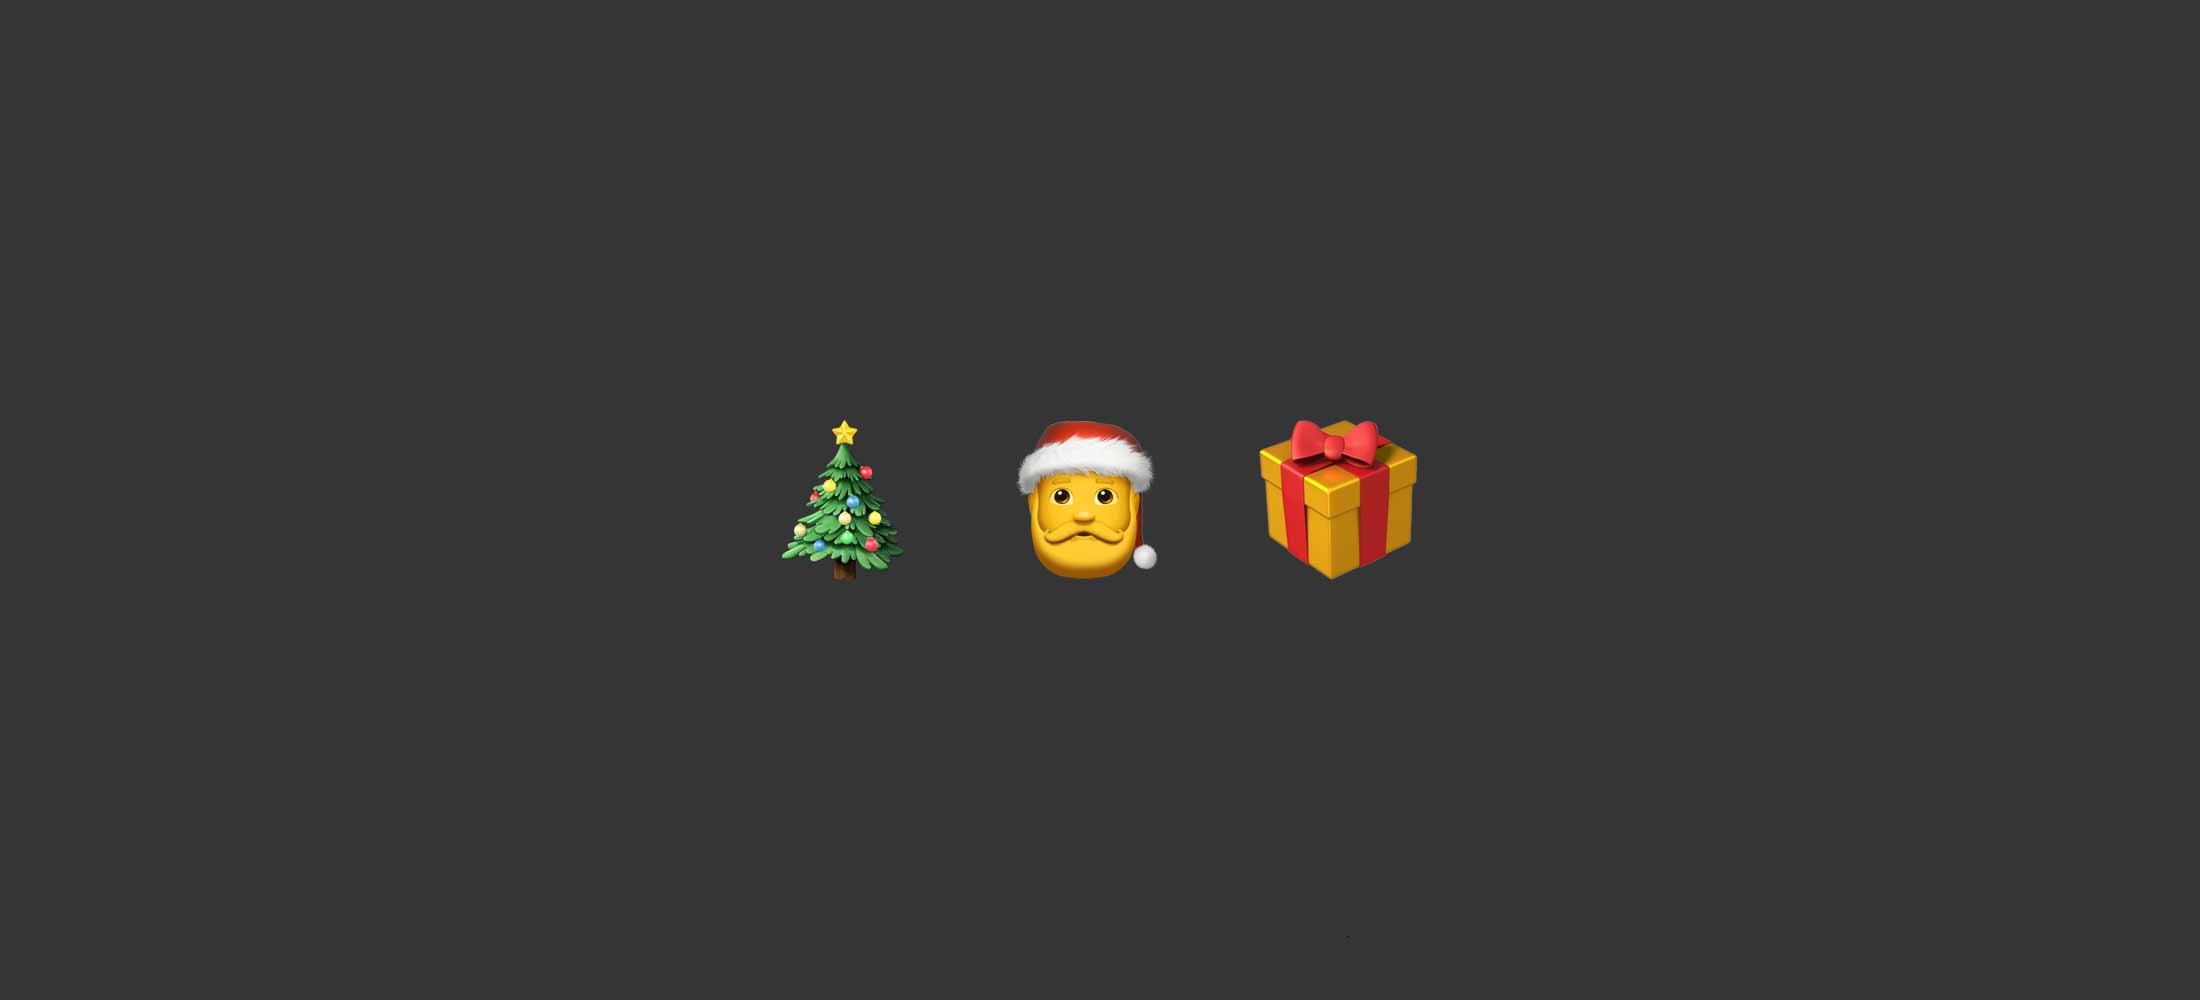 Coole Weihnachtslieder.Weihnachtslieder In Emojis Quizmag Popkultur Rätsel Für Coole Köpfe